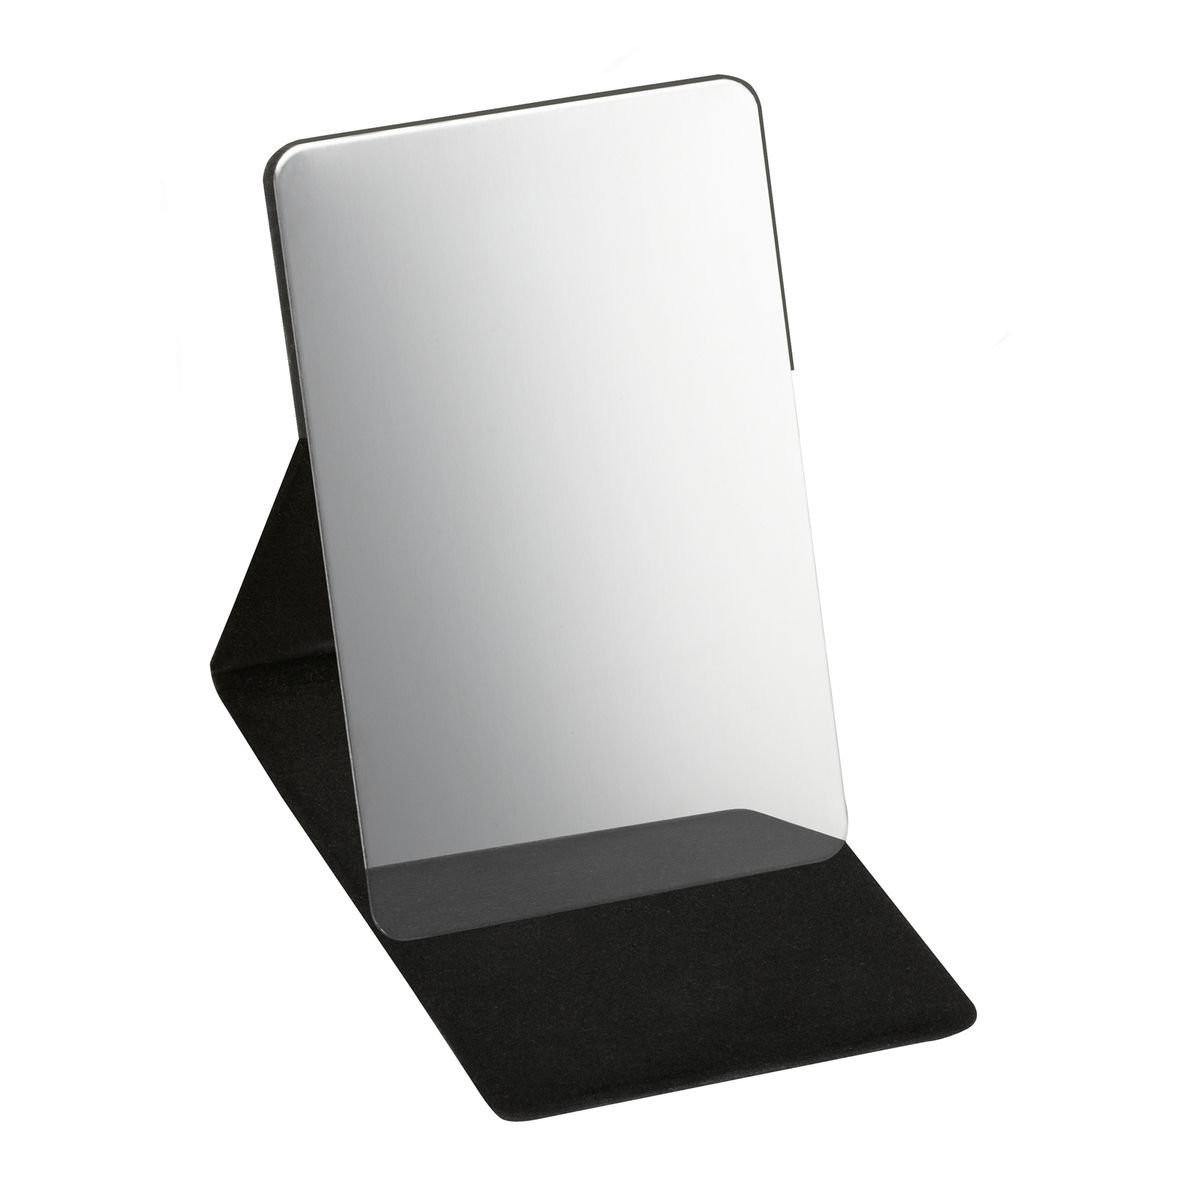 Taschenspiegel REFLECTS-HARBEL BLACK, Ansicht 11